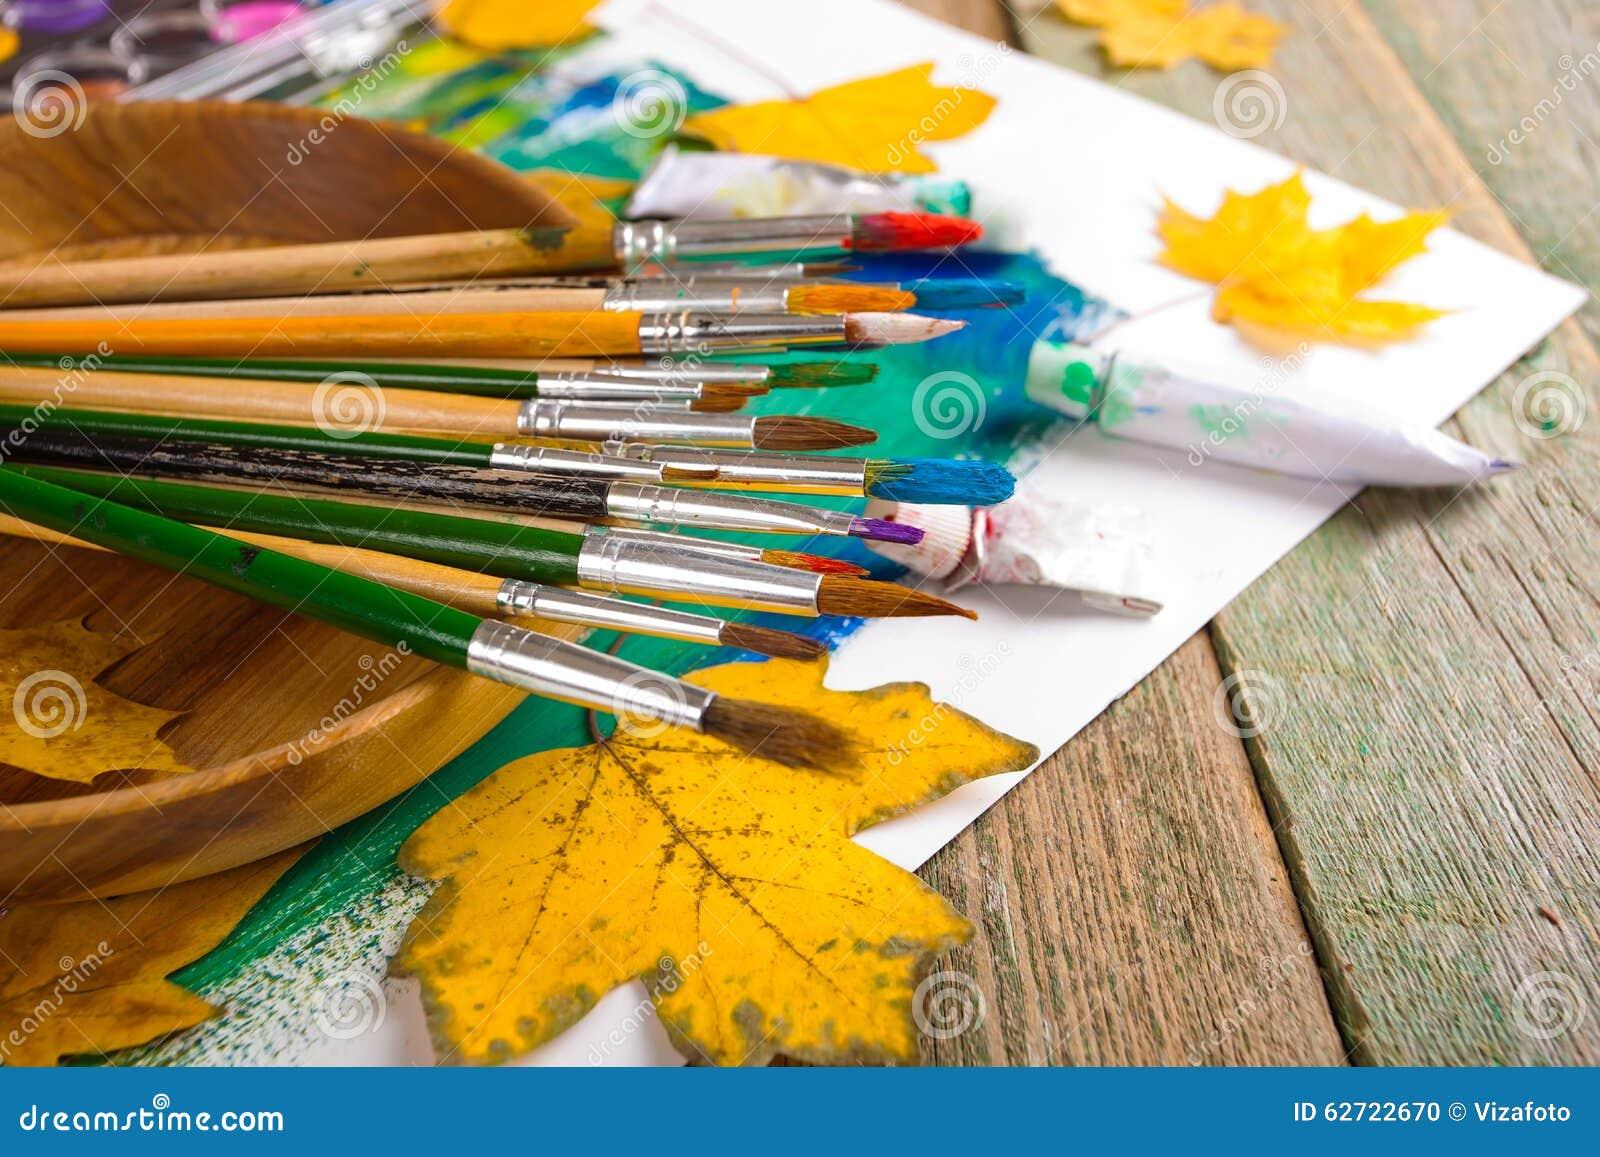 Χρώματα και βούρτσες